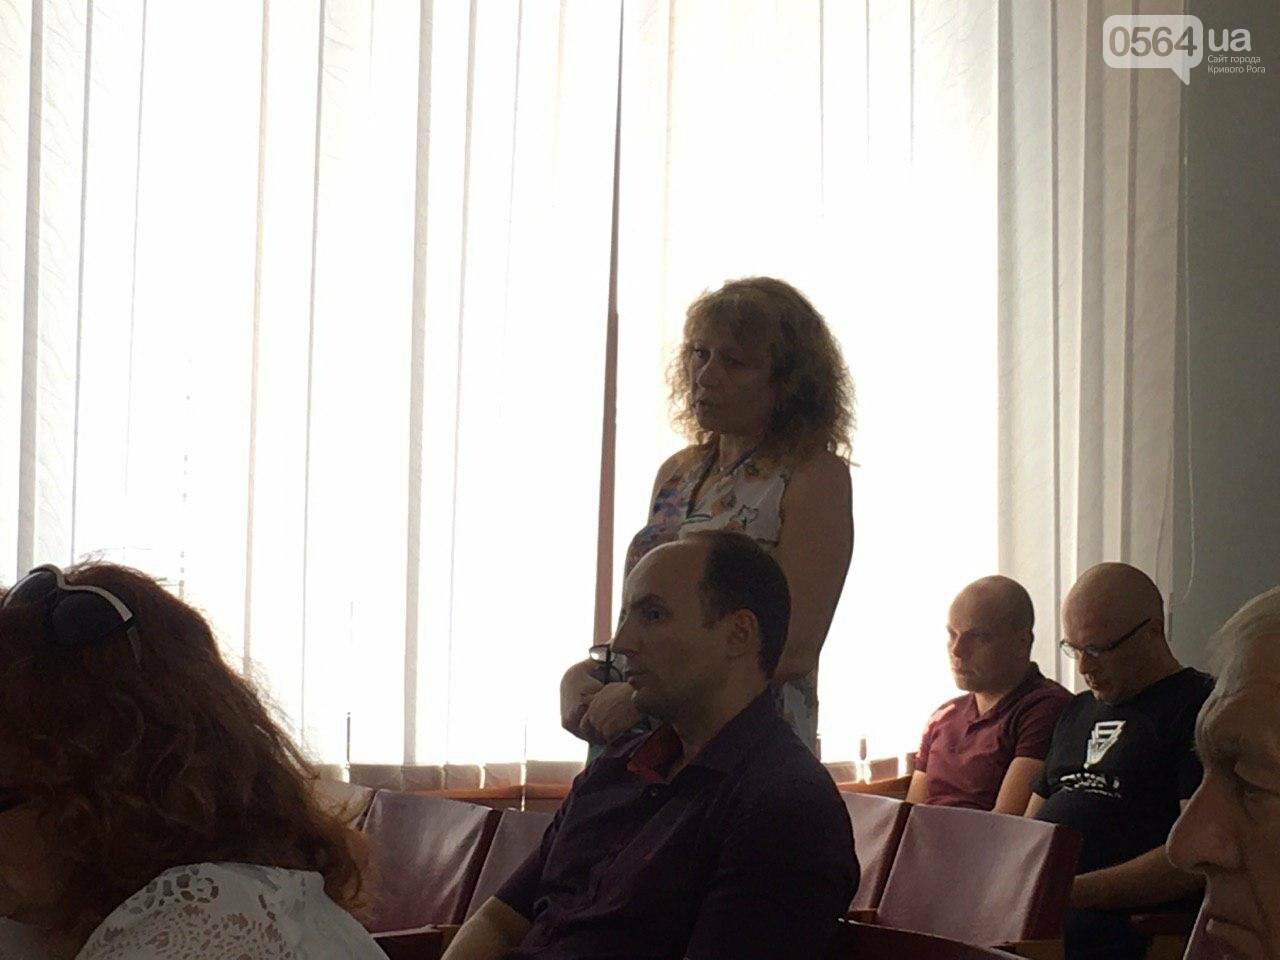 Криворожское КП пытается подготовится к отопительному сезону, несмотря на долг в полмиллиарда, - ФОТО , фото-20